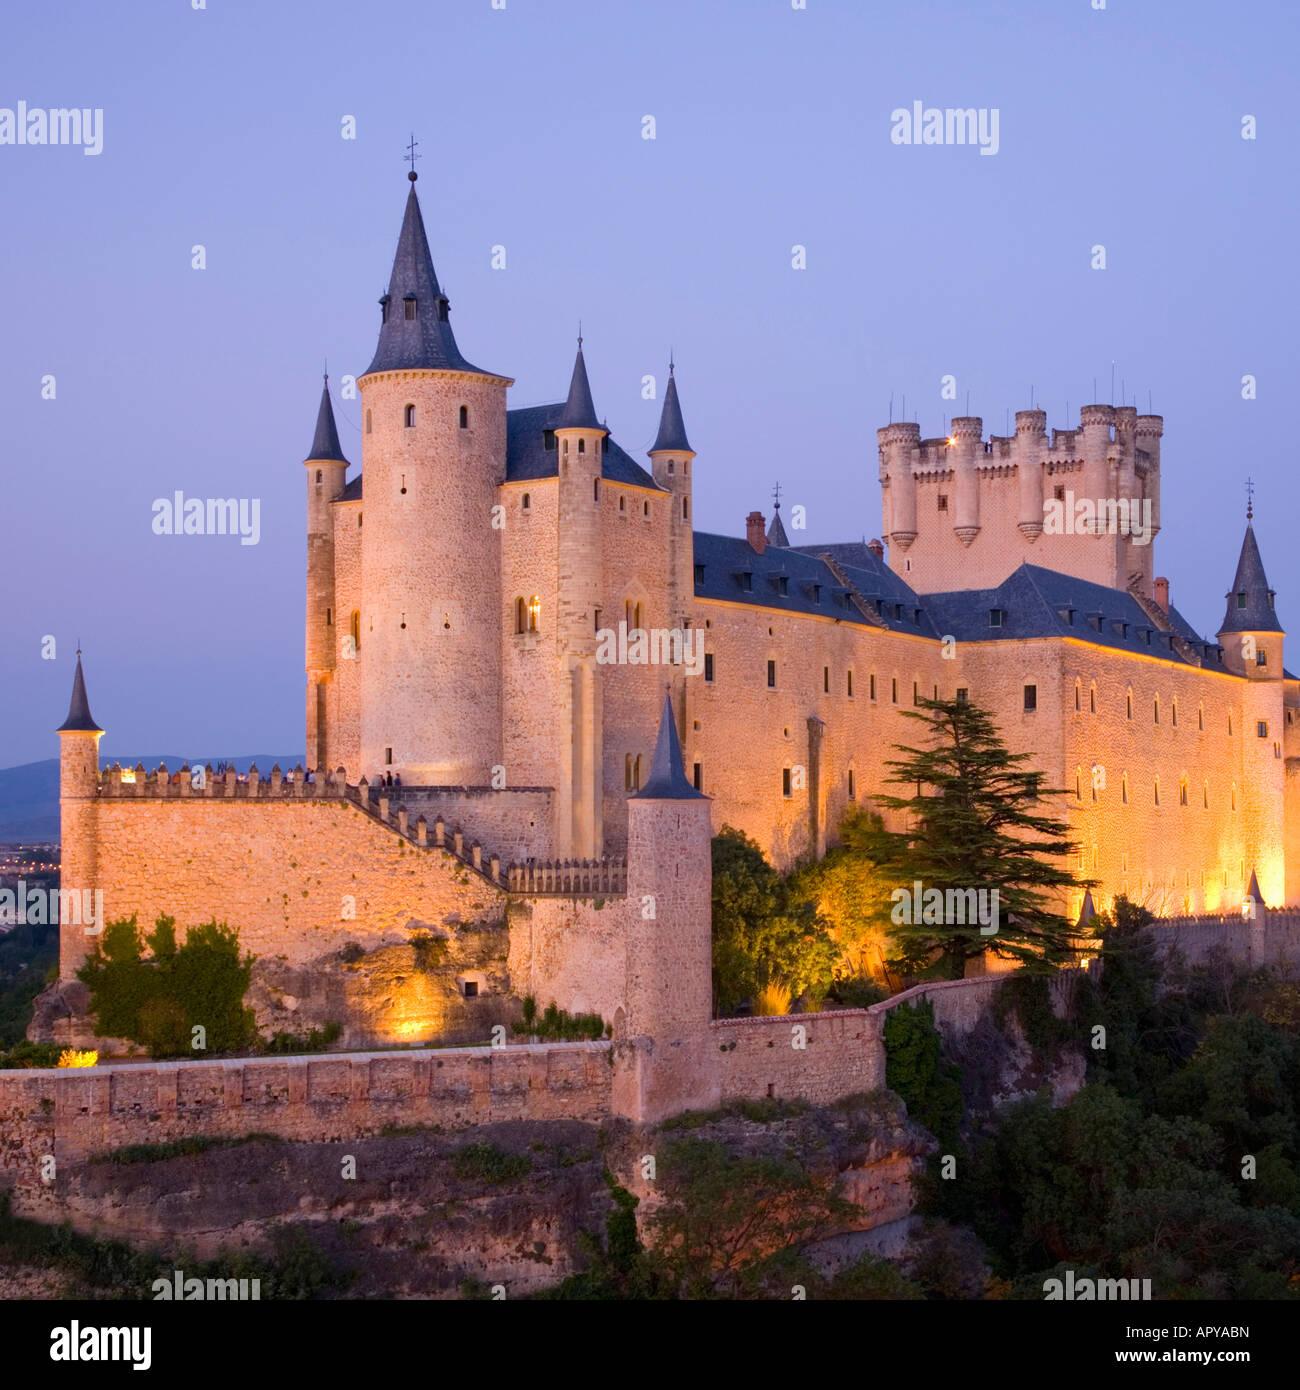 Segovia, Castile and León, Spain. The Alcázar illuminated at dusk. - Stock Image